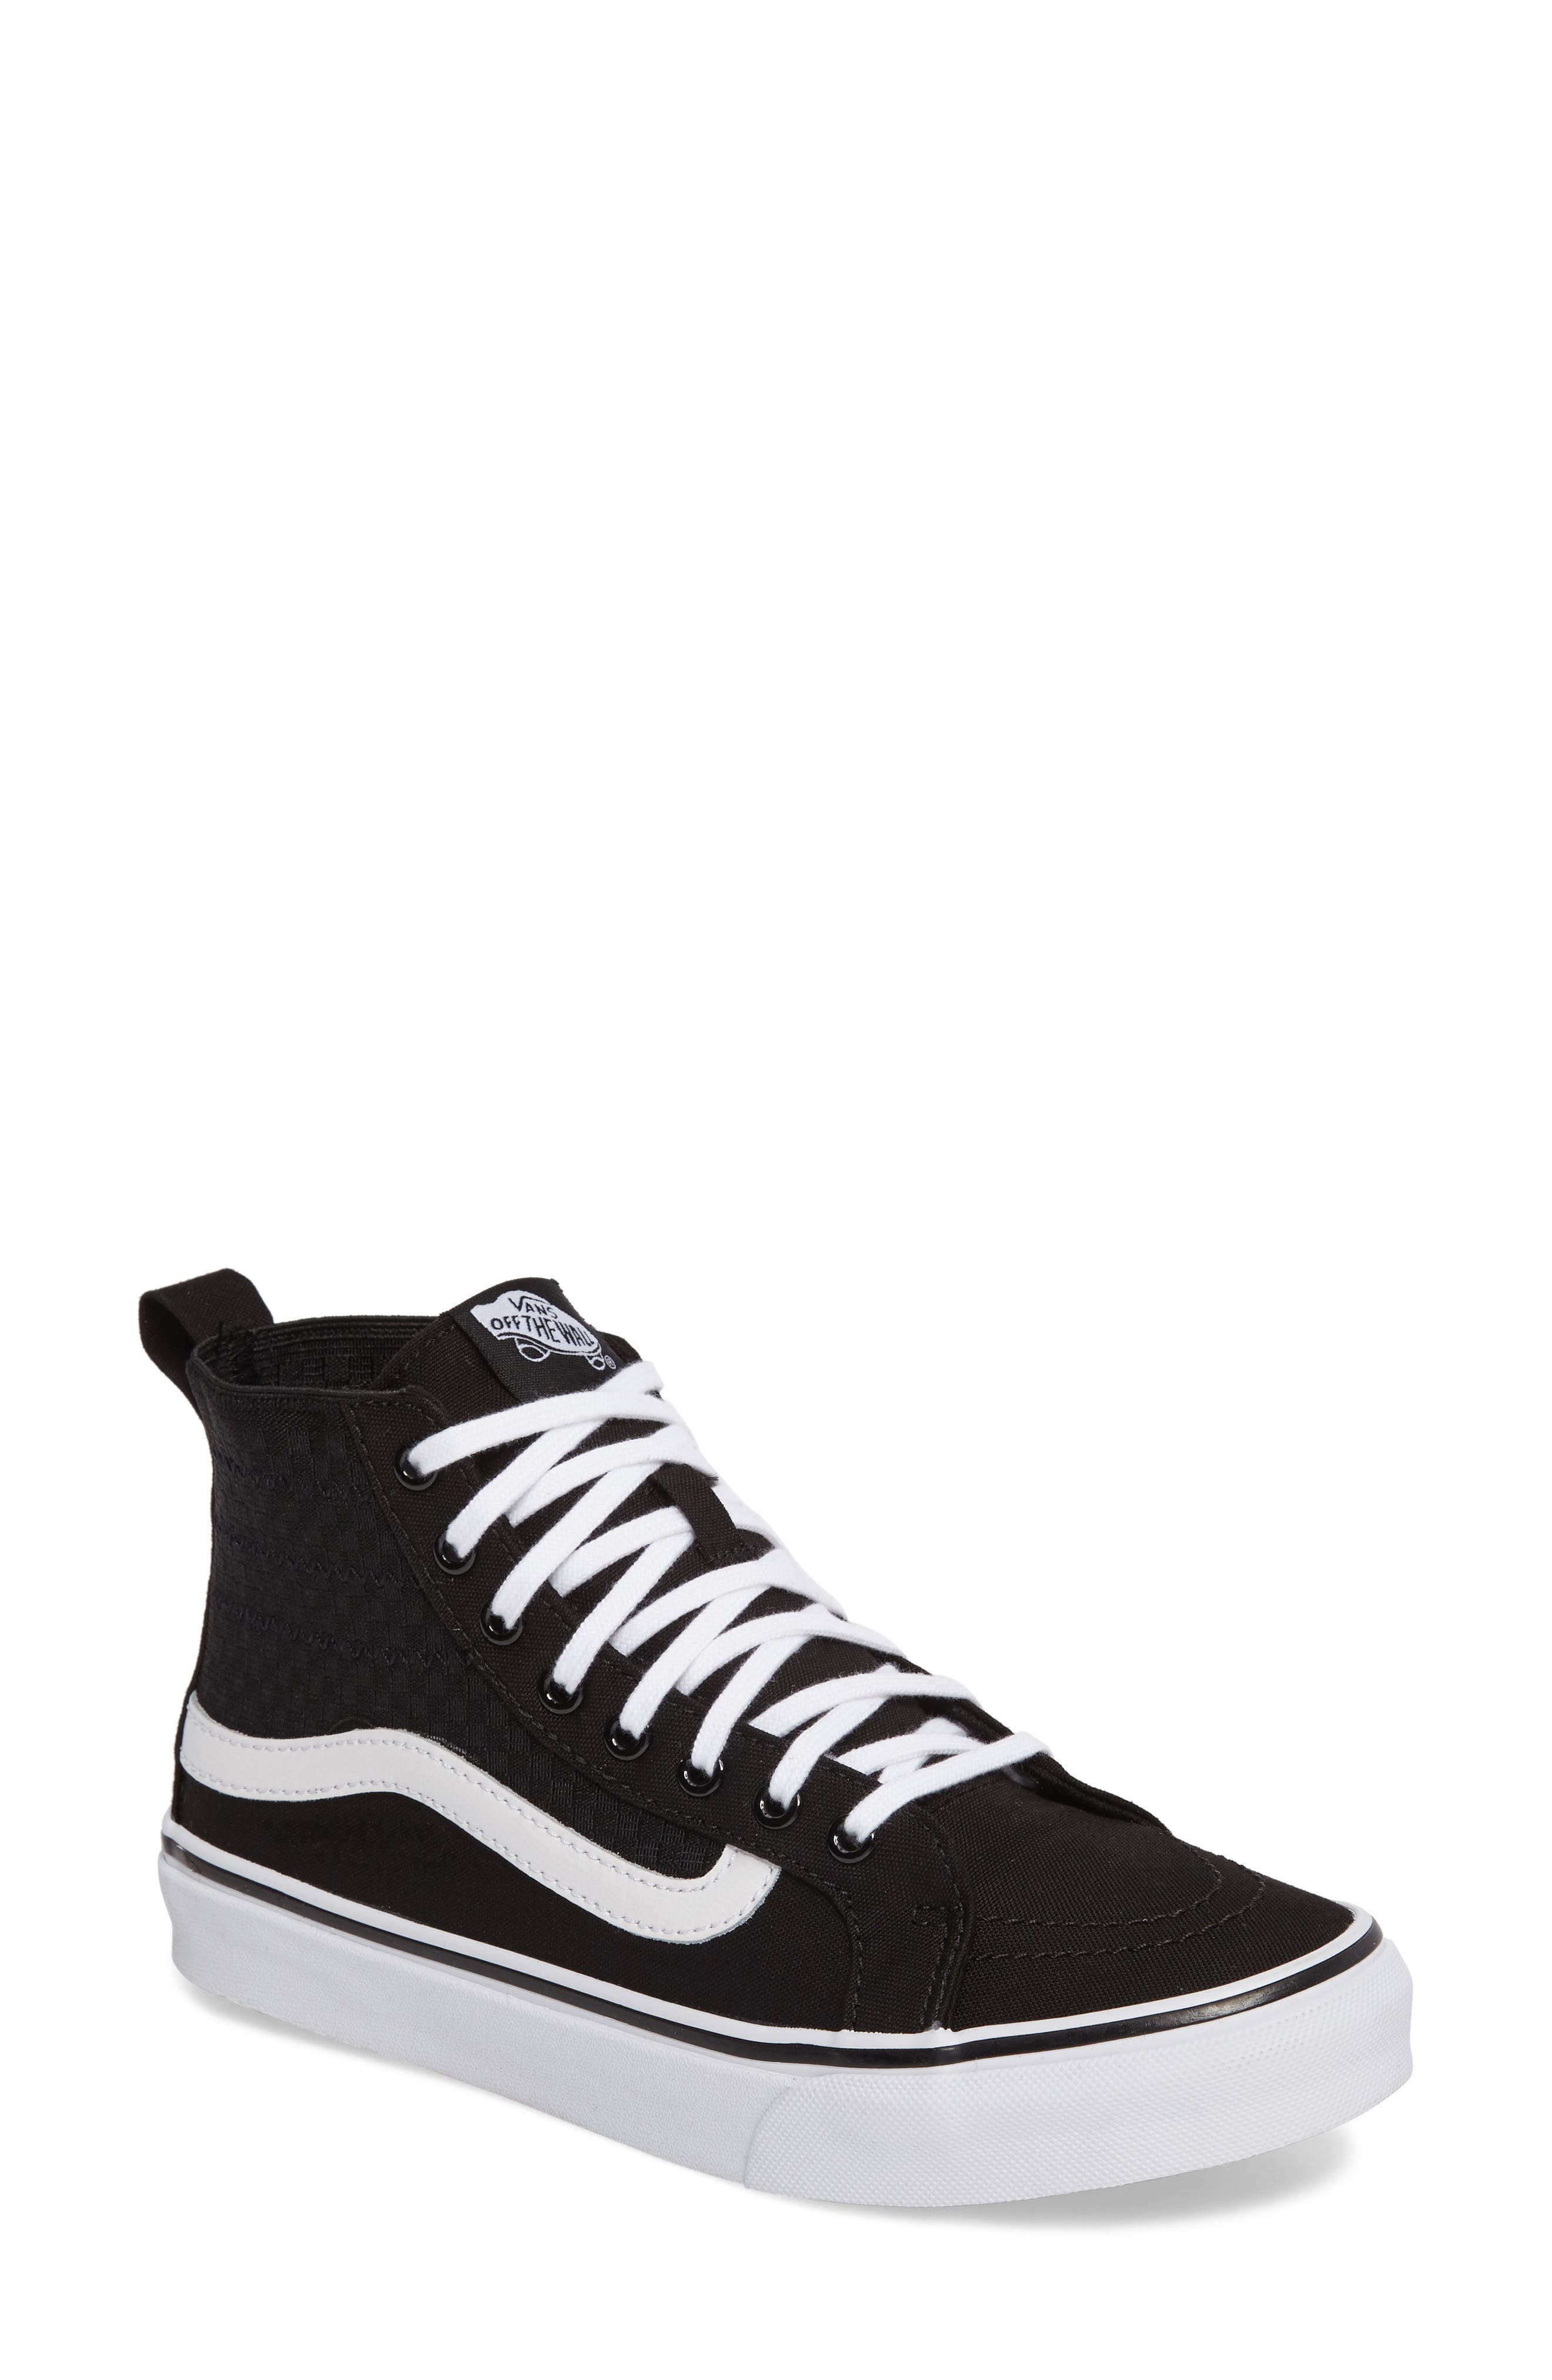 SK8-HI Slim Gore Sneaker,                             Main thumbnail 1, color,                             001